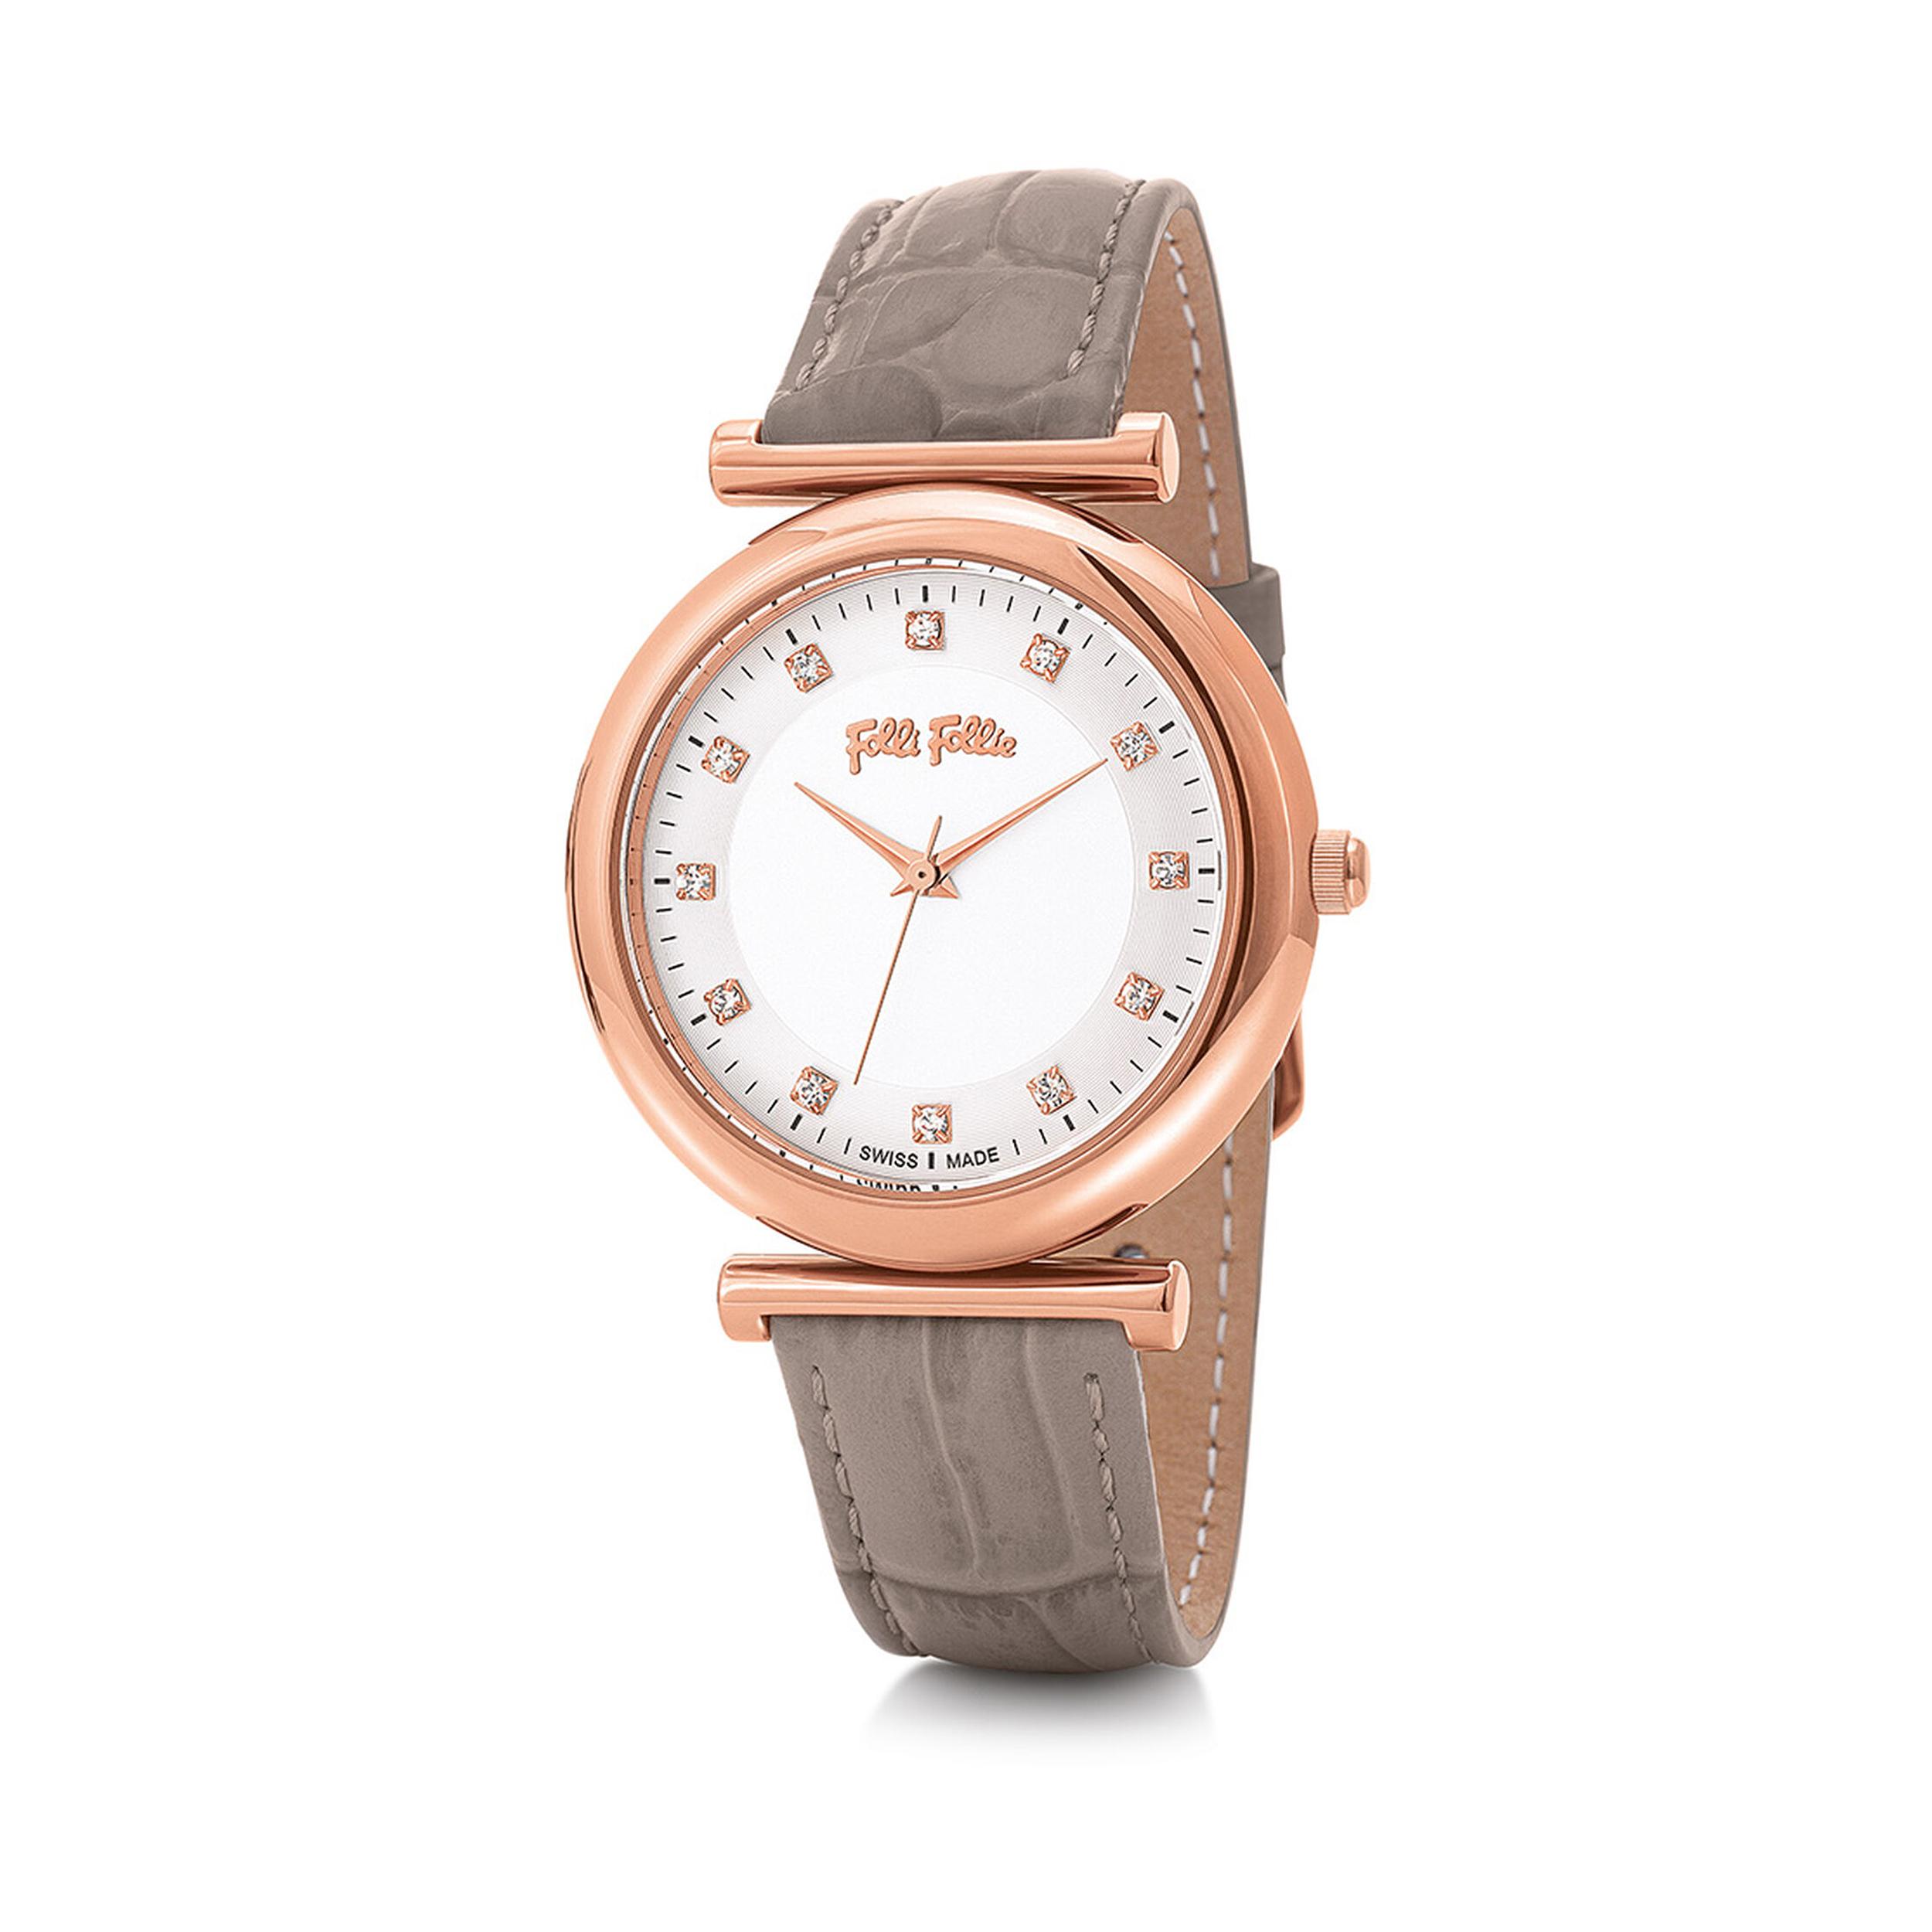 ساعت مچی عقربه ای زنانه فولی فولیه مدل WF16r023sss-GO (بدون جعبه اورجینال)              خرید (⭐️⭐️⭐️)